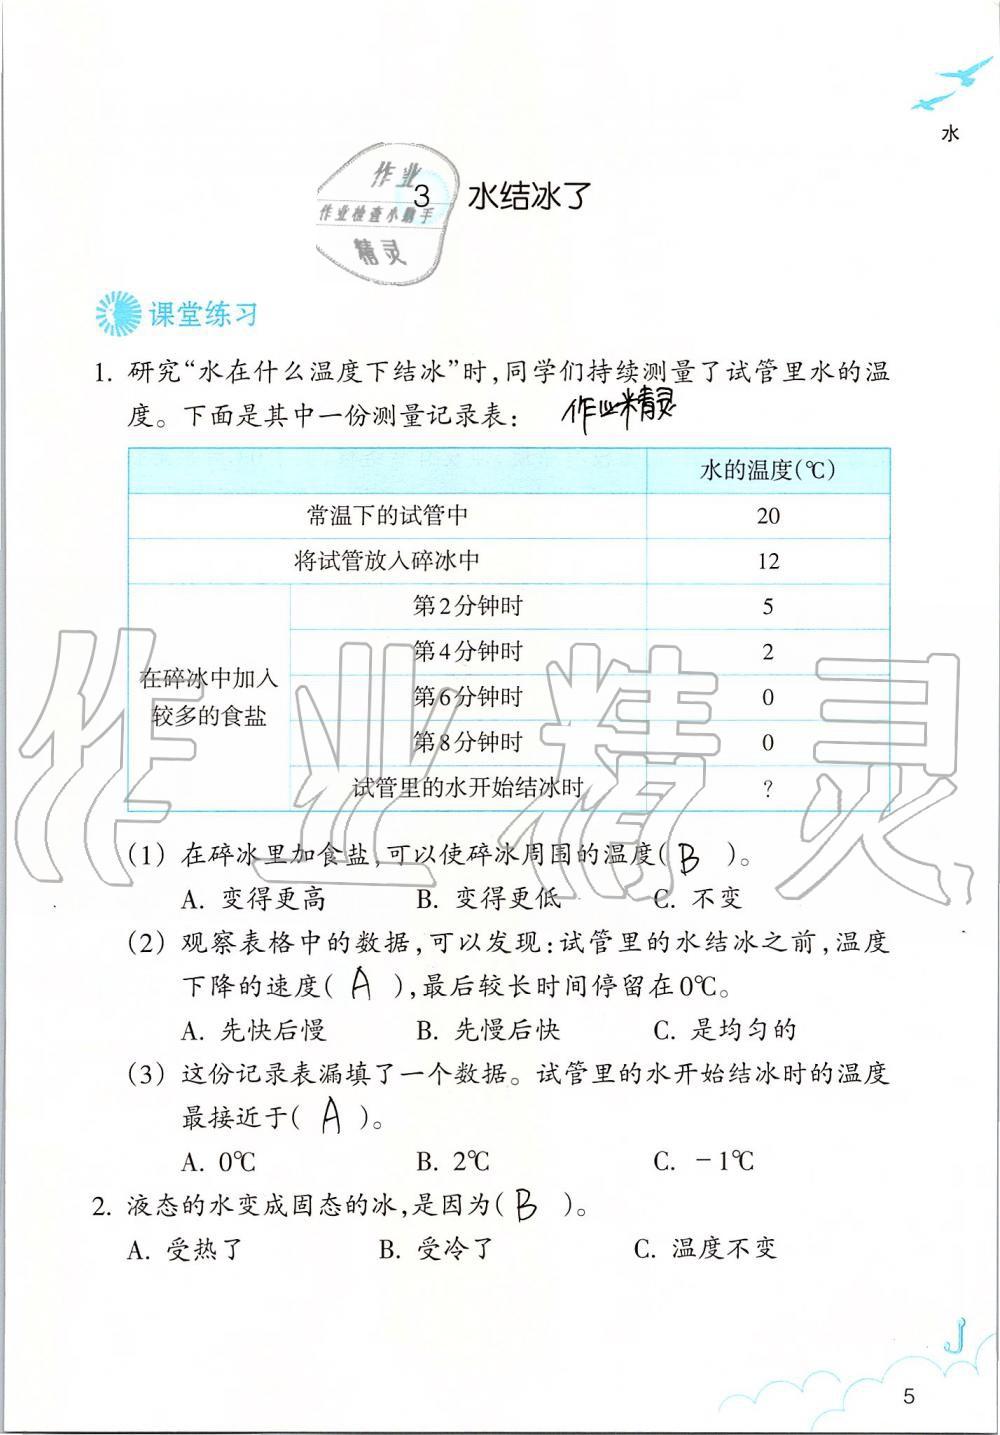 2019年科学作业本三年级上册教科版浙江教育出版社第5页